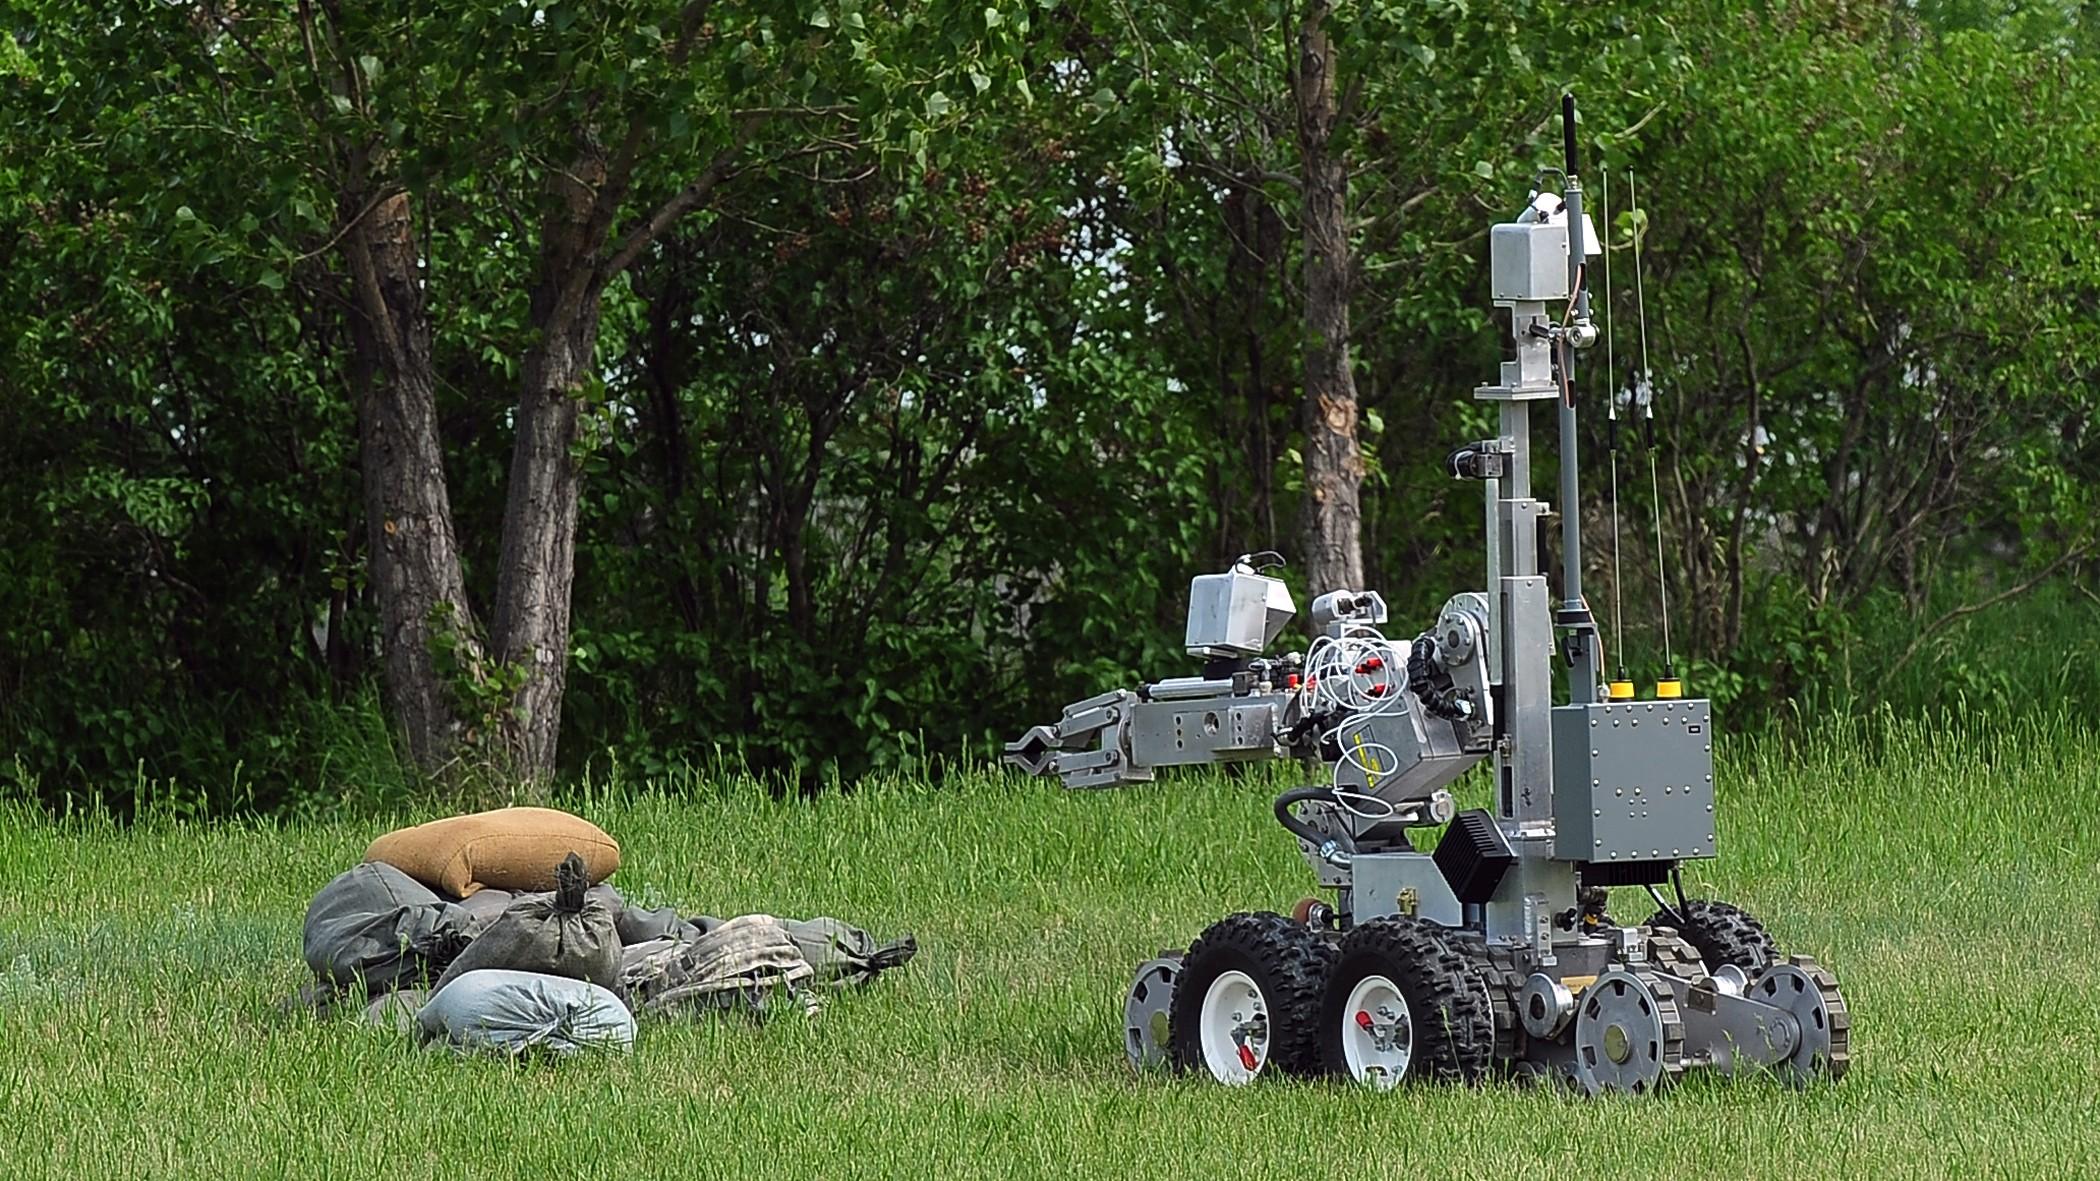 Oba, o robô que sabe correr agora consegue saltar sobre obstáculos